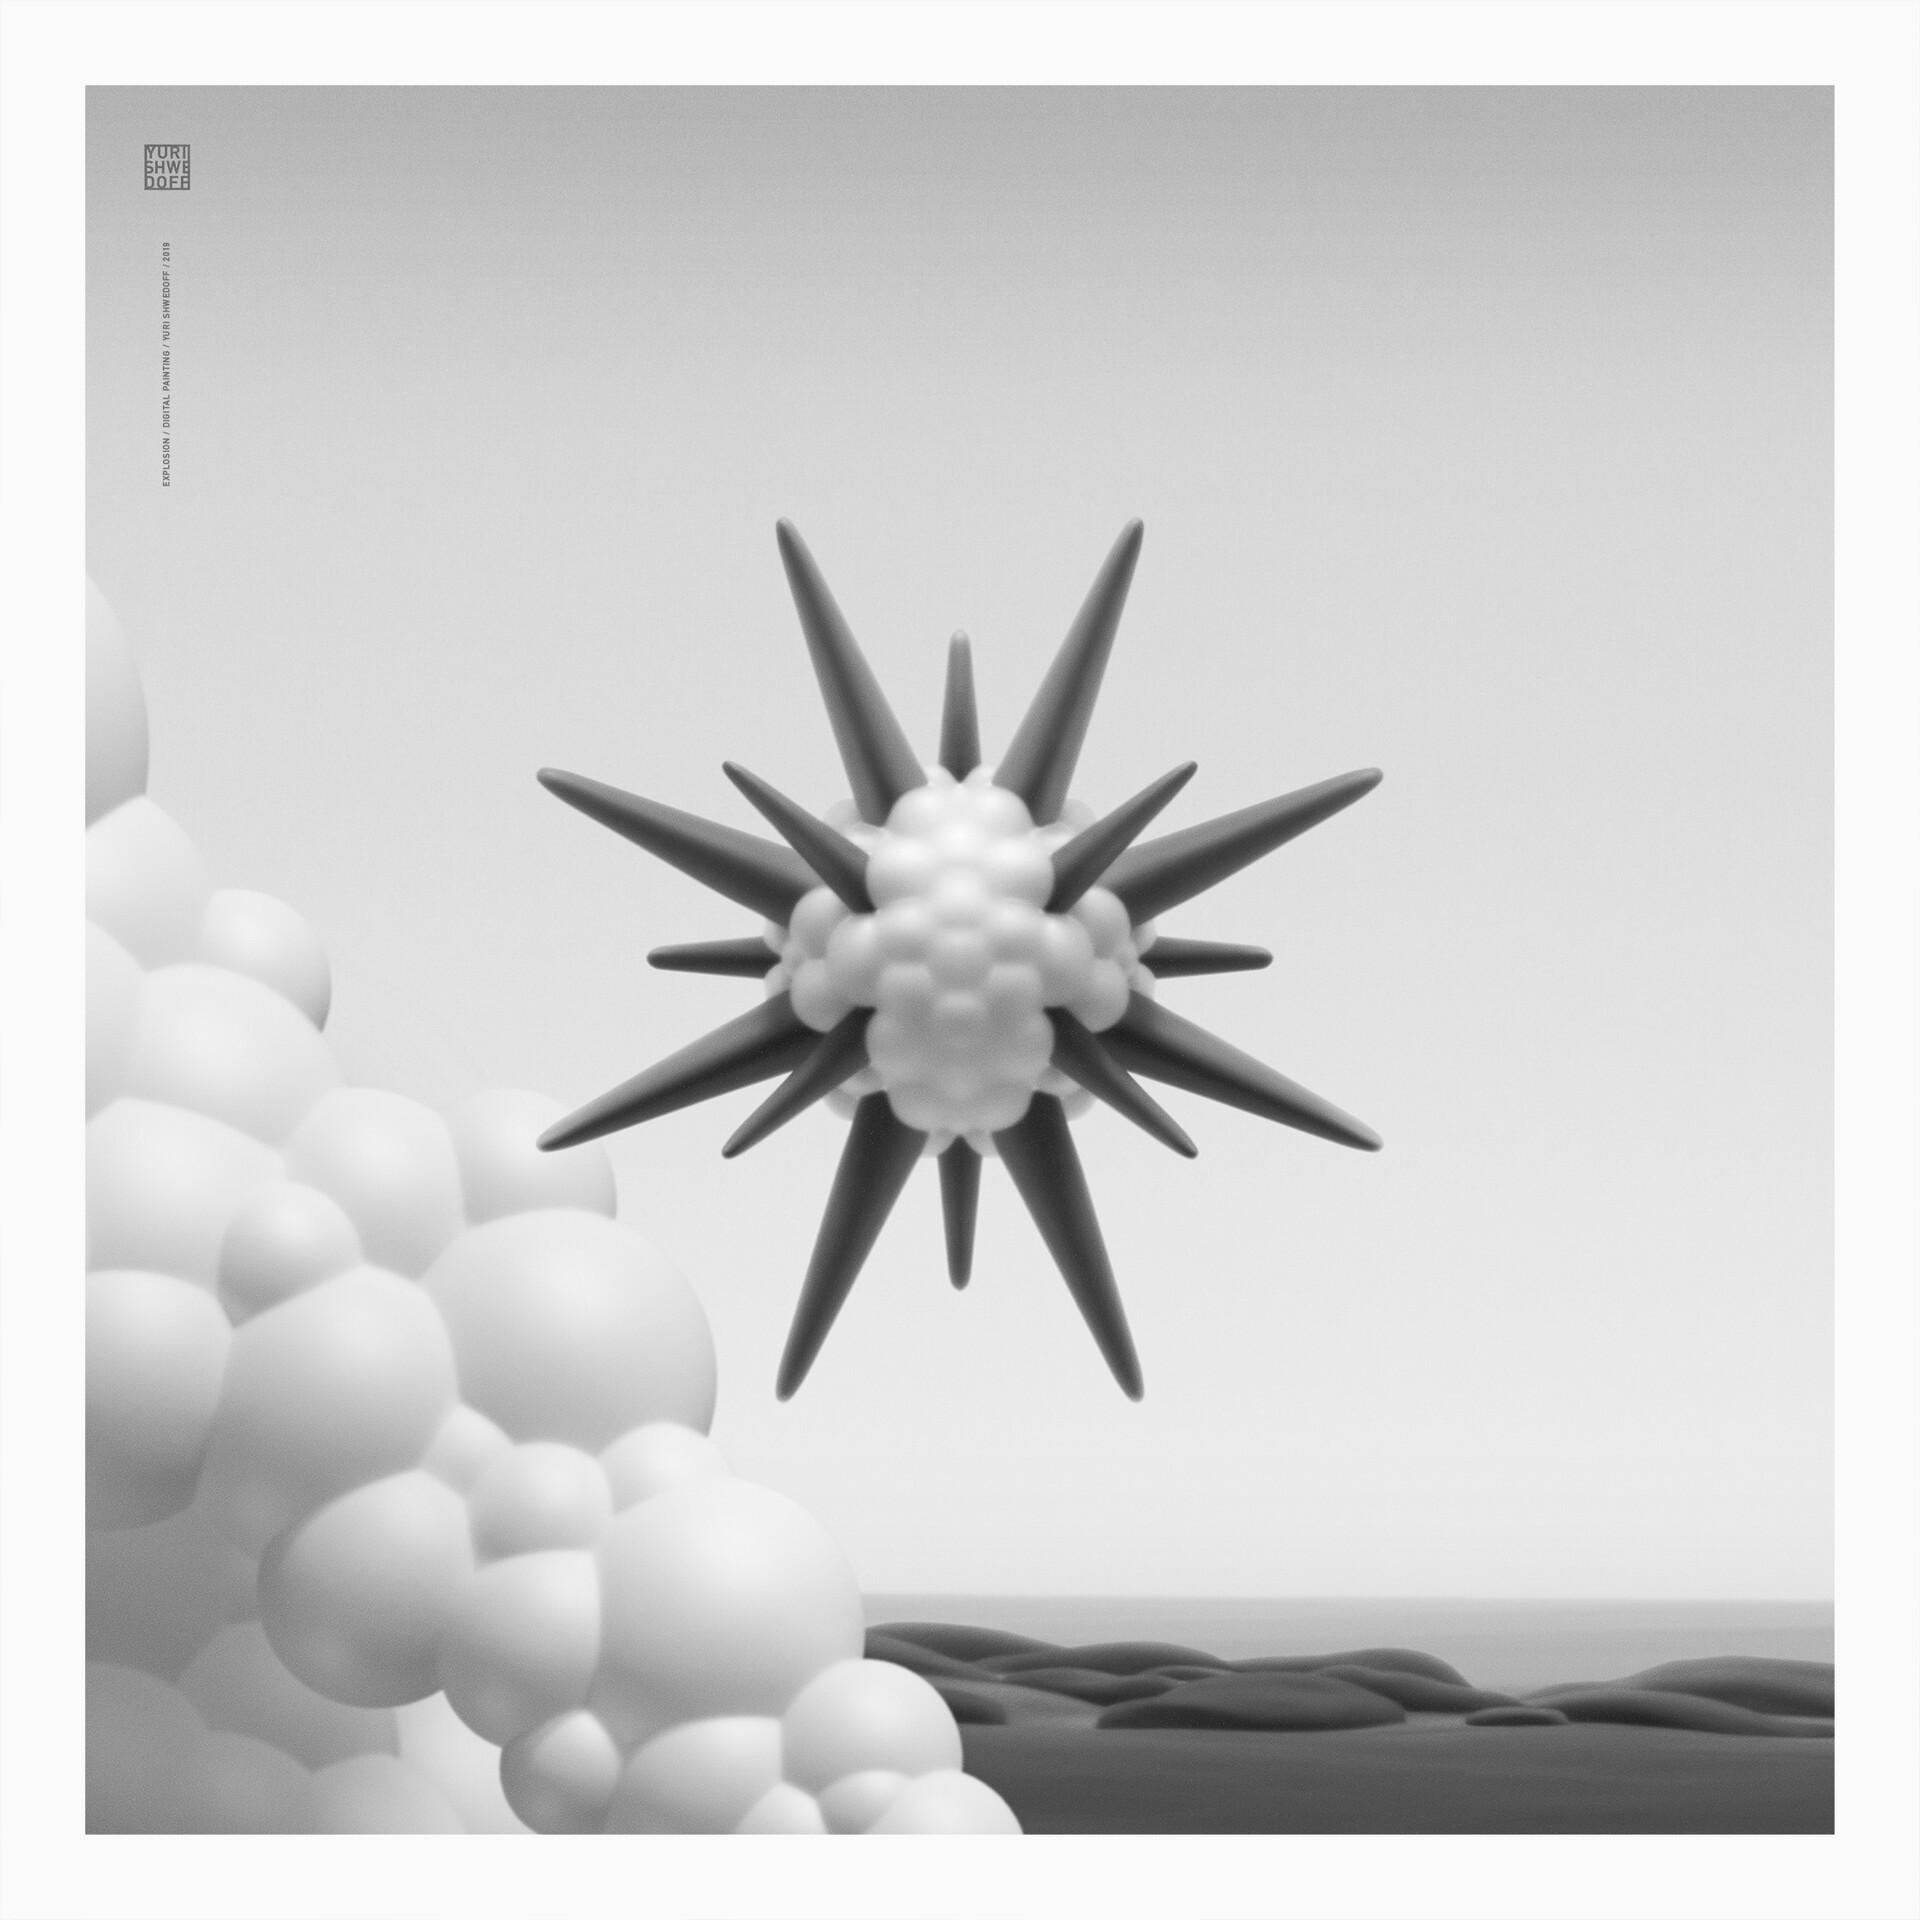 Yuri shwedoff explosion 2019 image